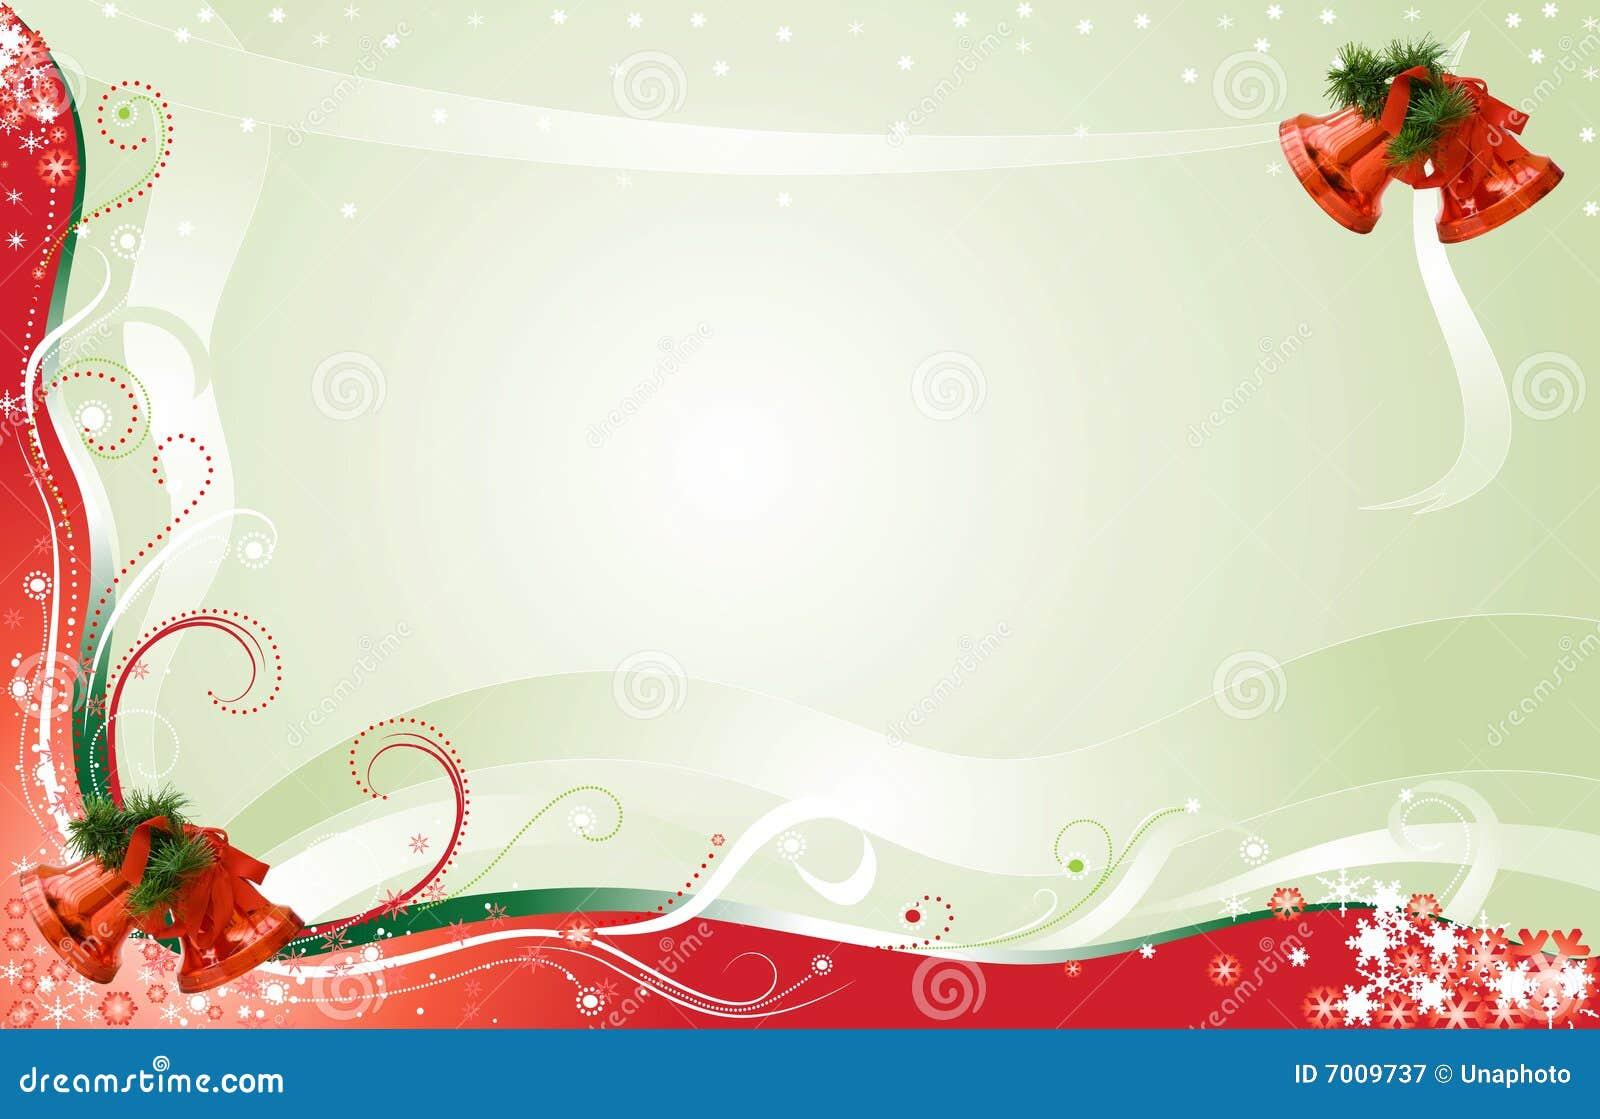 Fondo De La Tarjeta De Navidad Con El Sitio Para El Texto ...